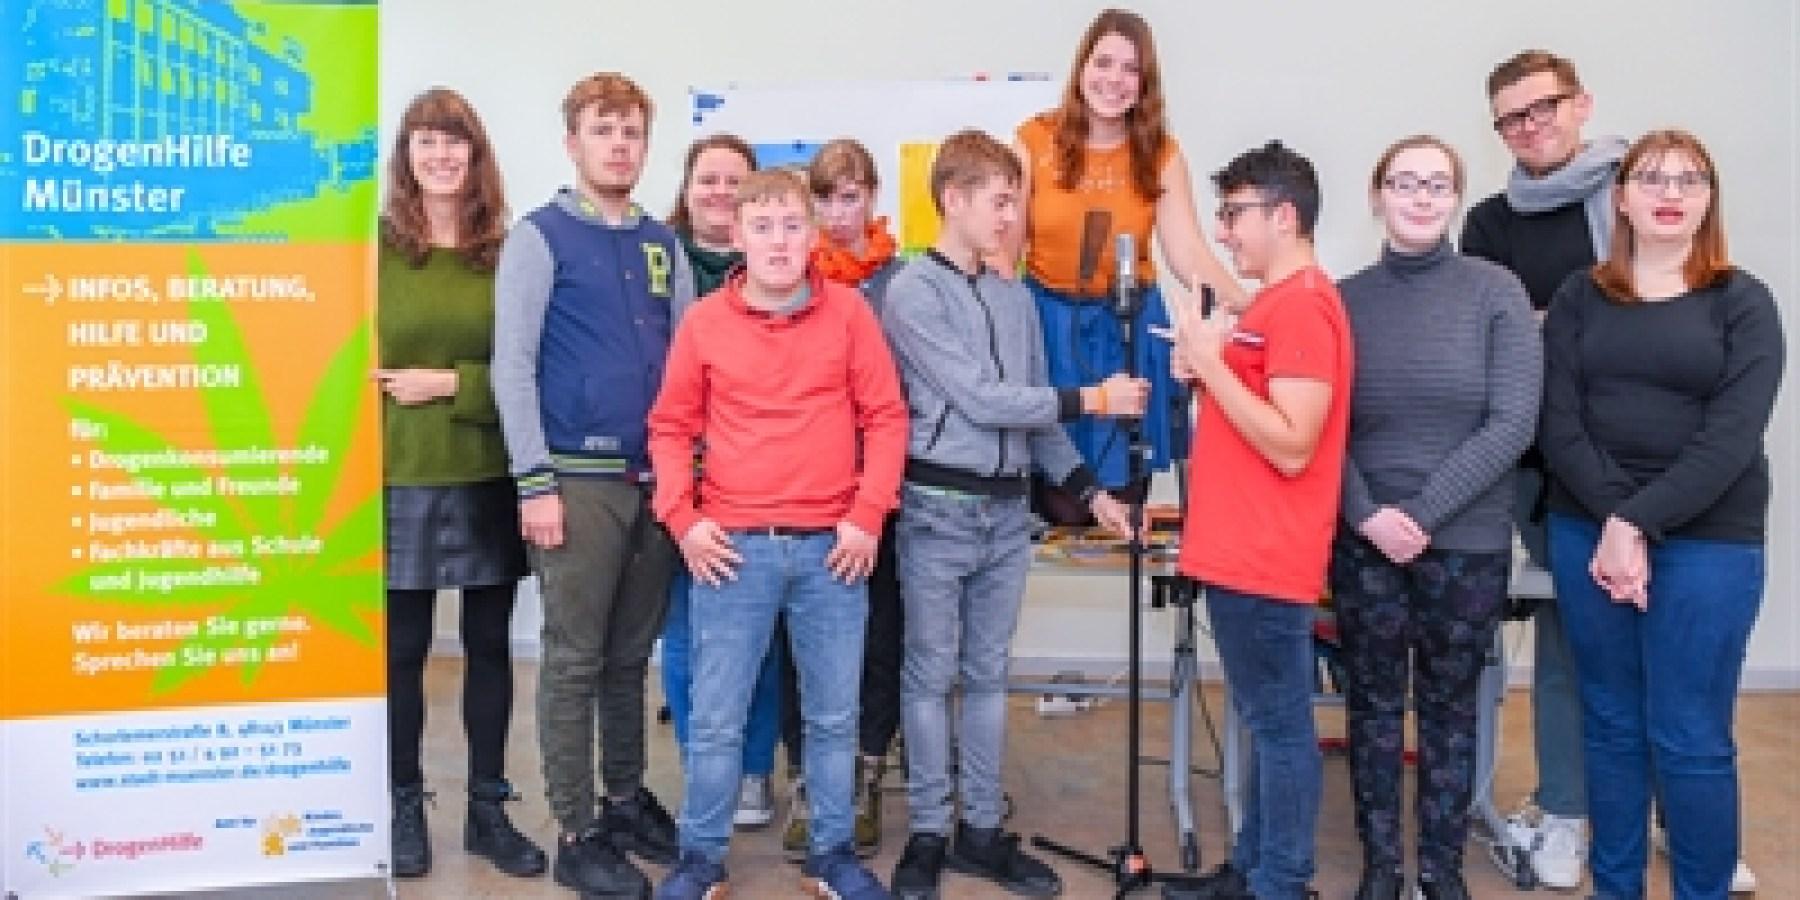 Leben ohne Qualm: Hip-Hop-Workshop in der Regenbogenschule